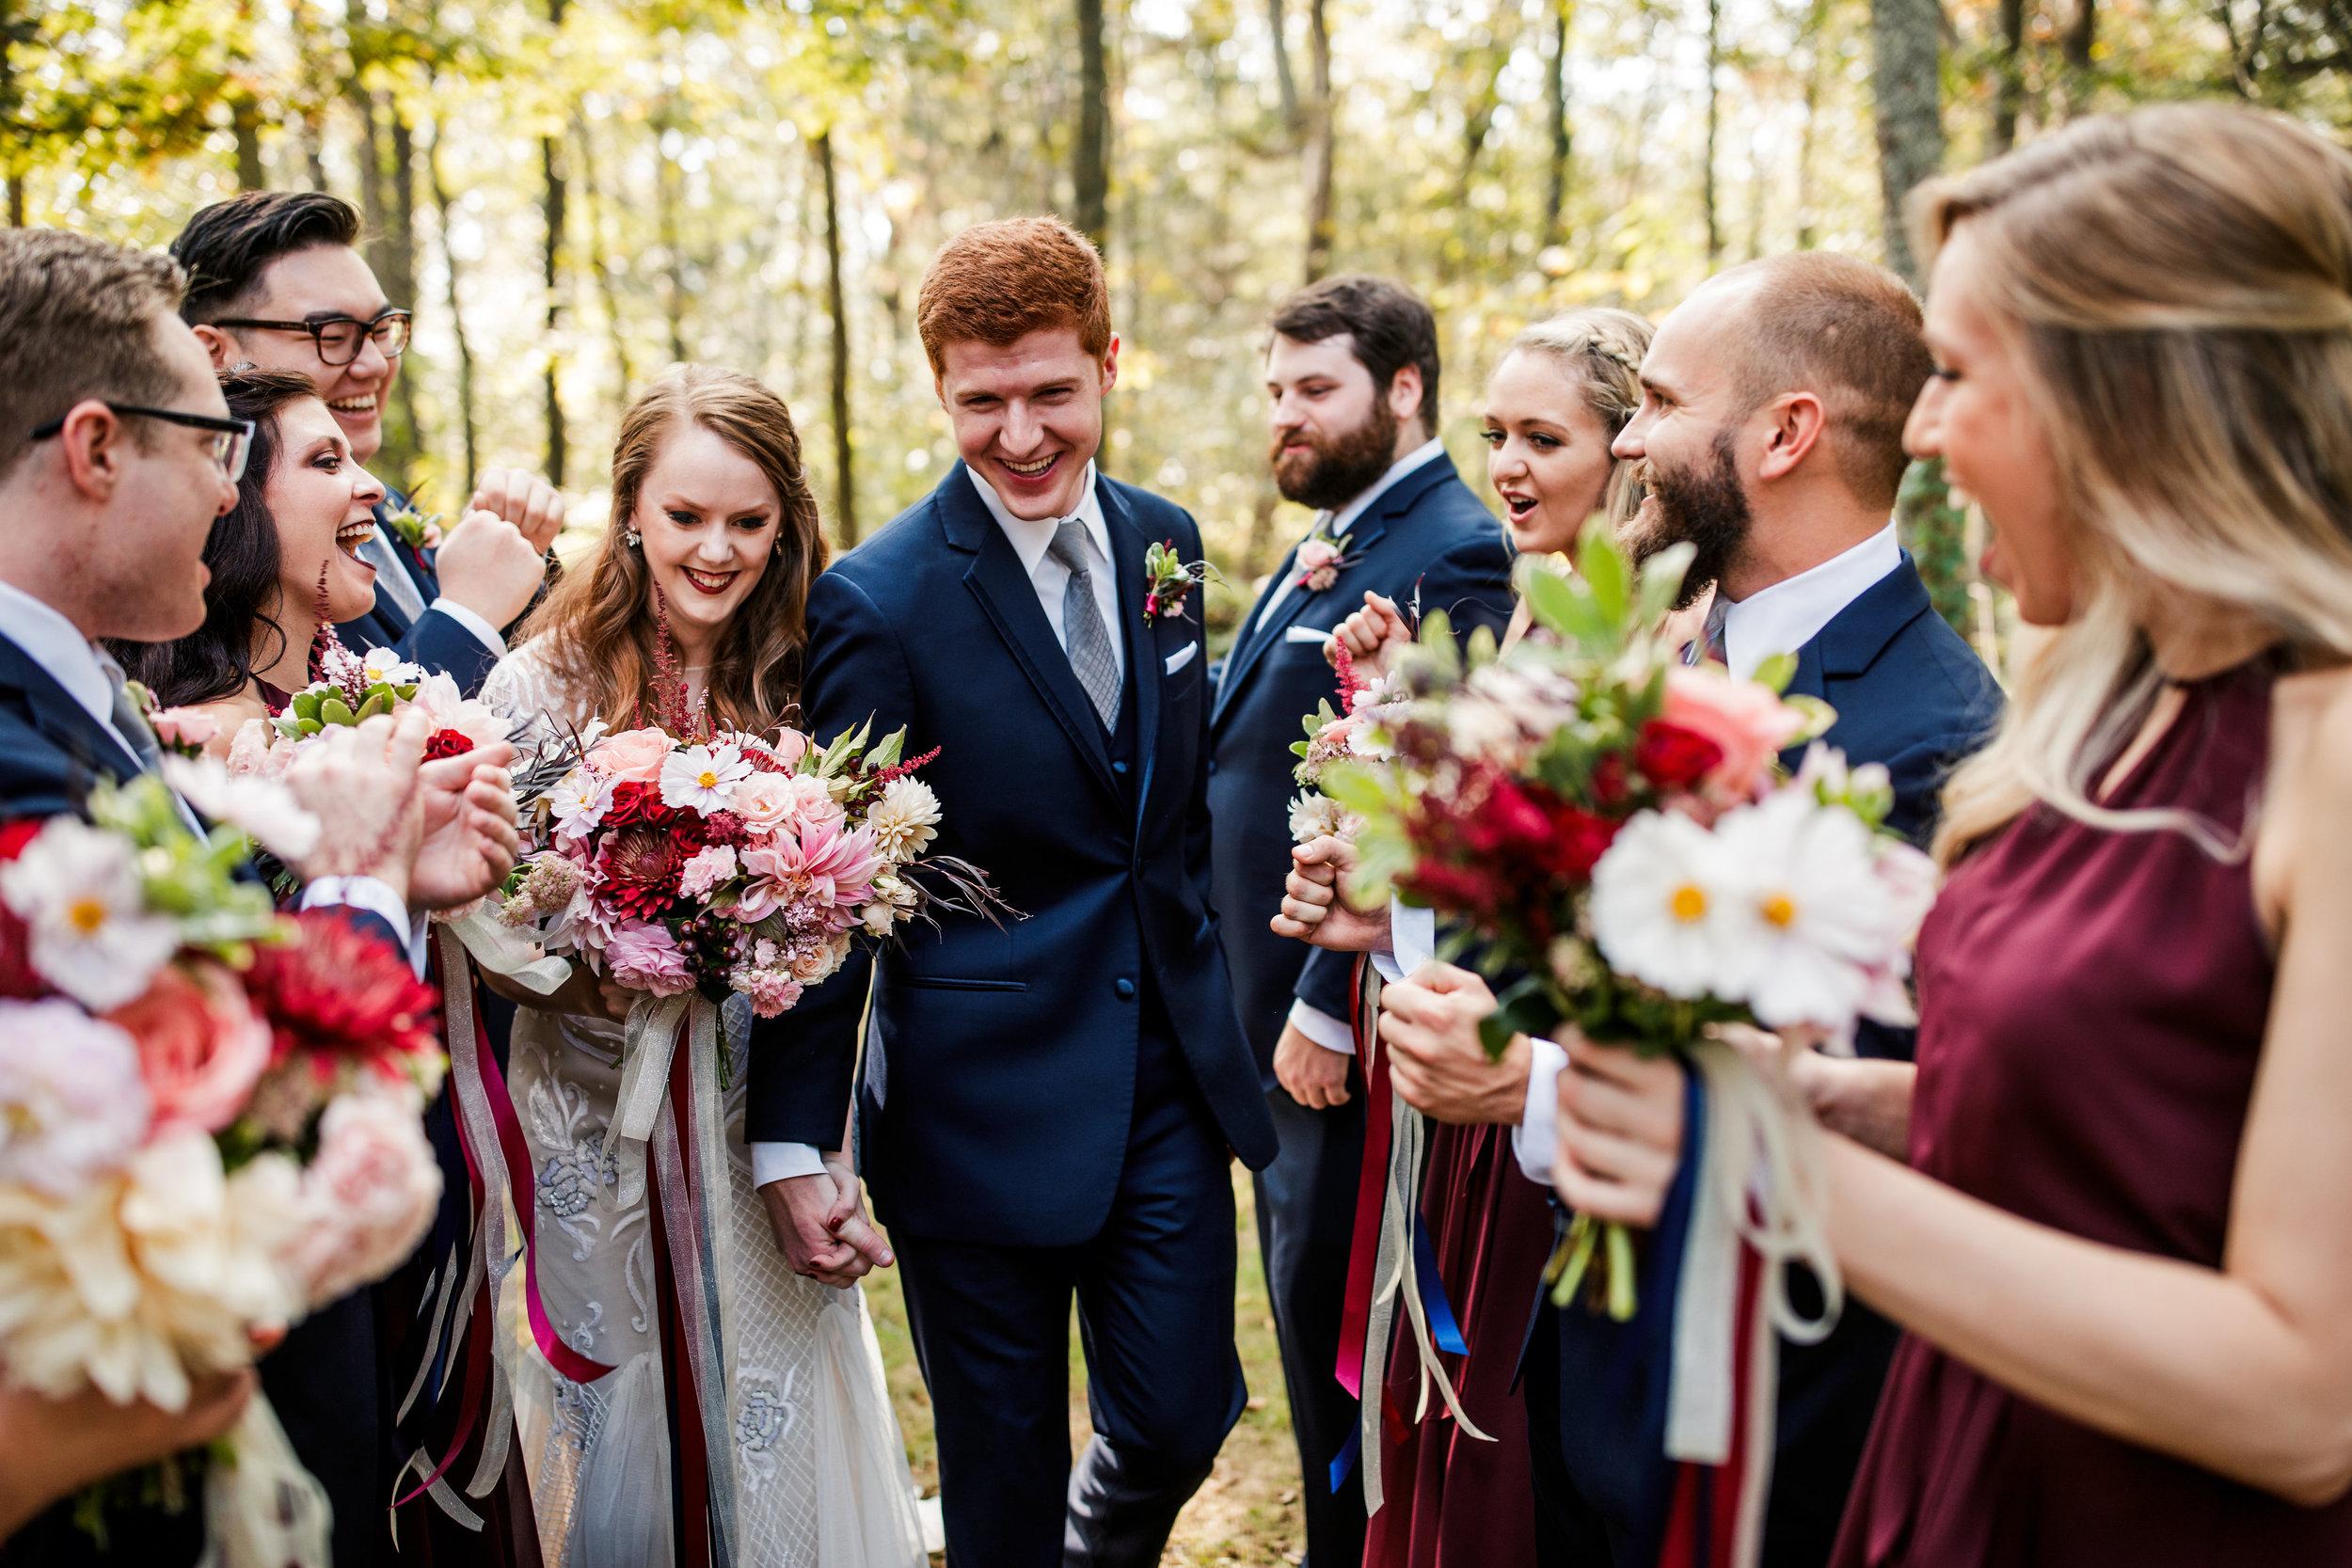 Wrens-Nest-Wedding-Murfreesboro-TN 18.jpg